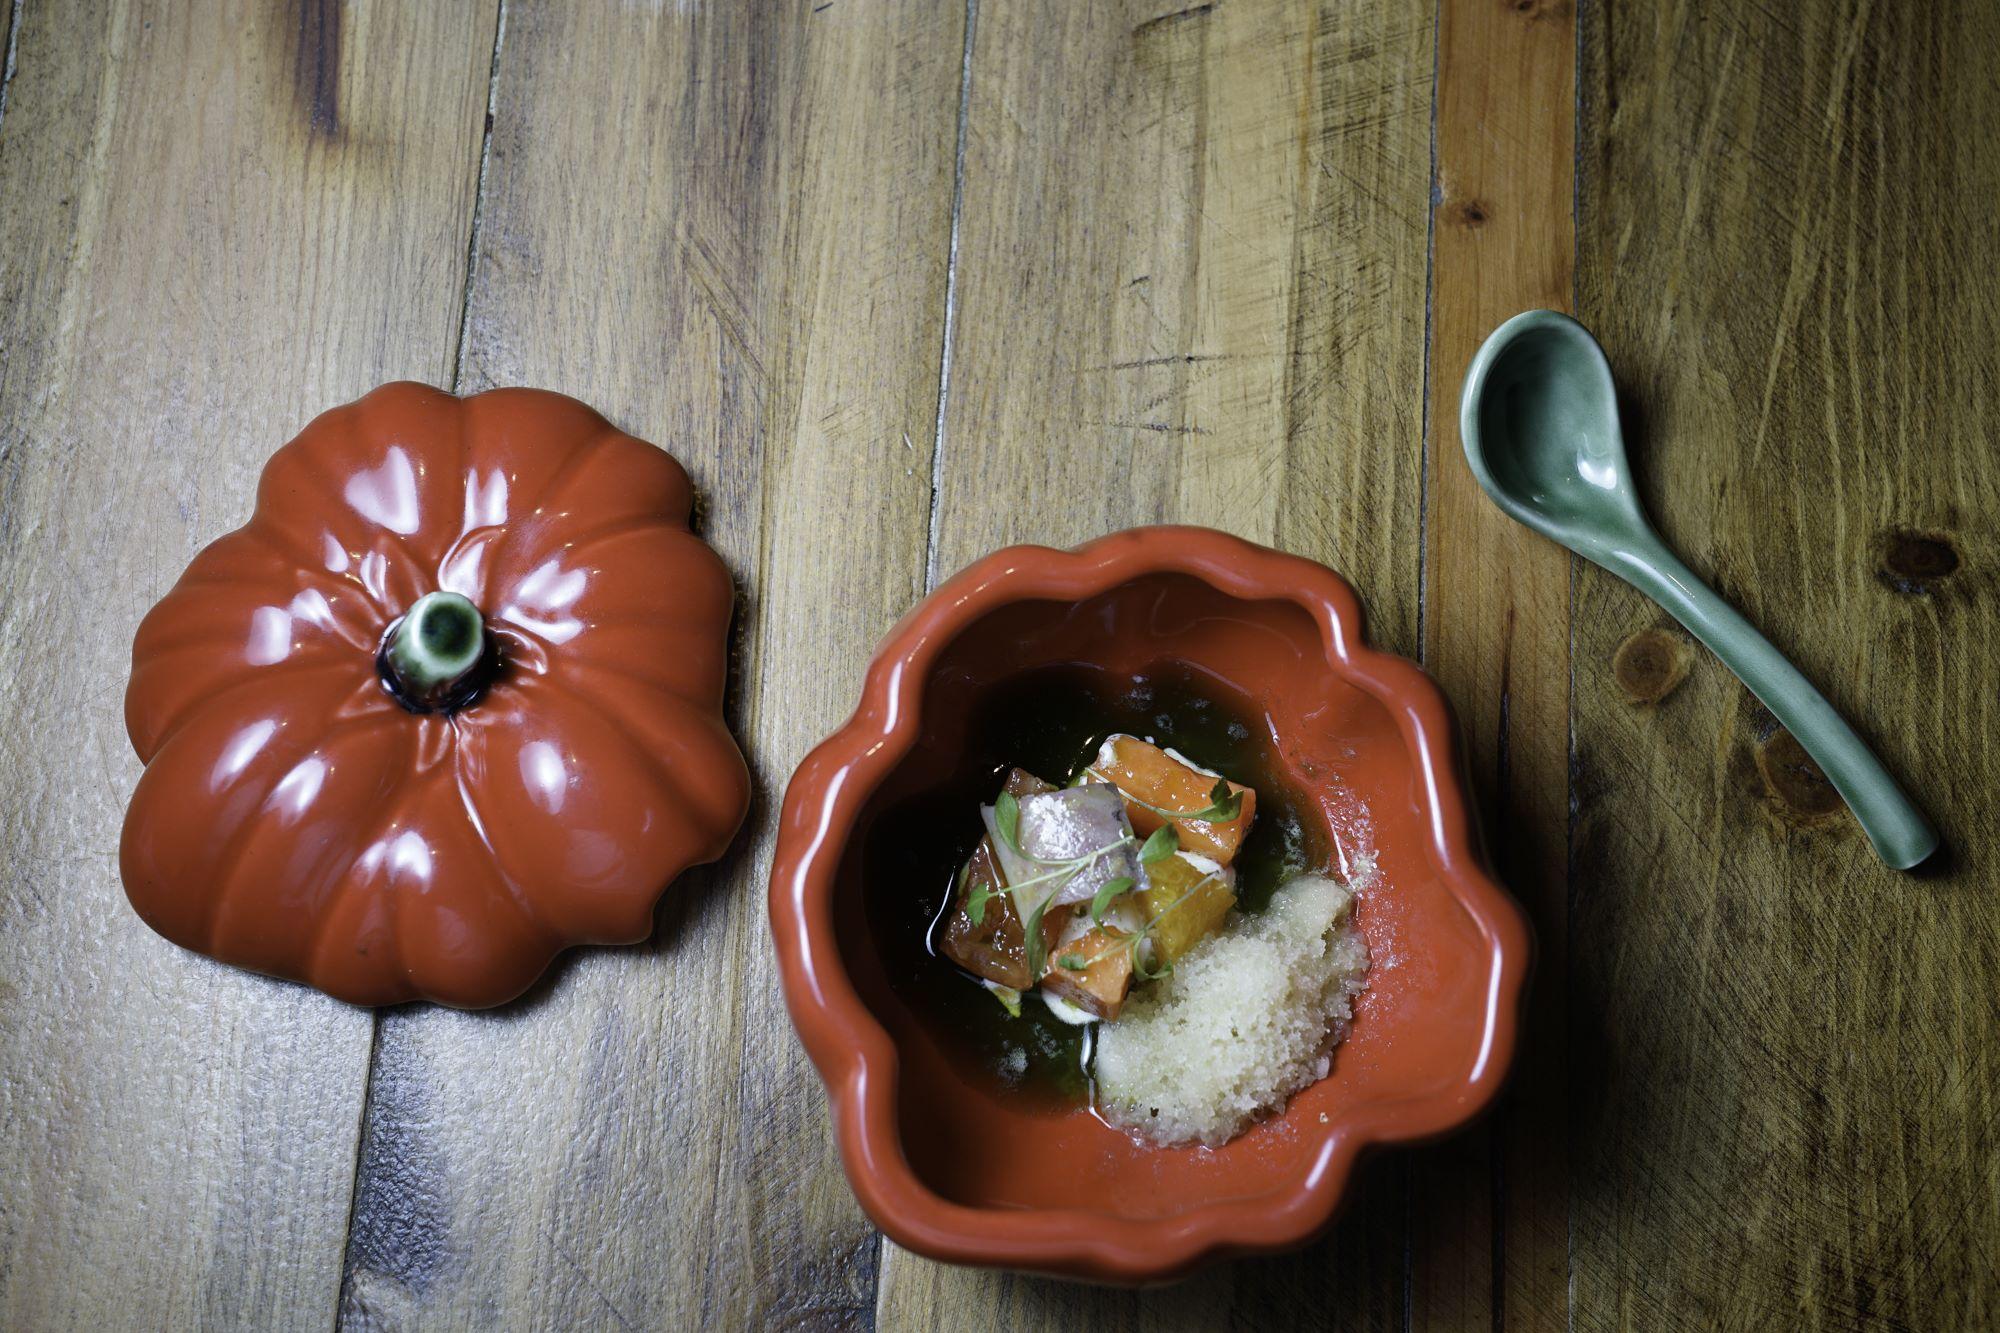 Ensalada de papaya, tomate, anguila, queso de cabra y granizado de lima limón.